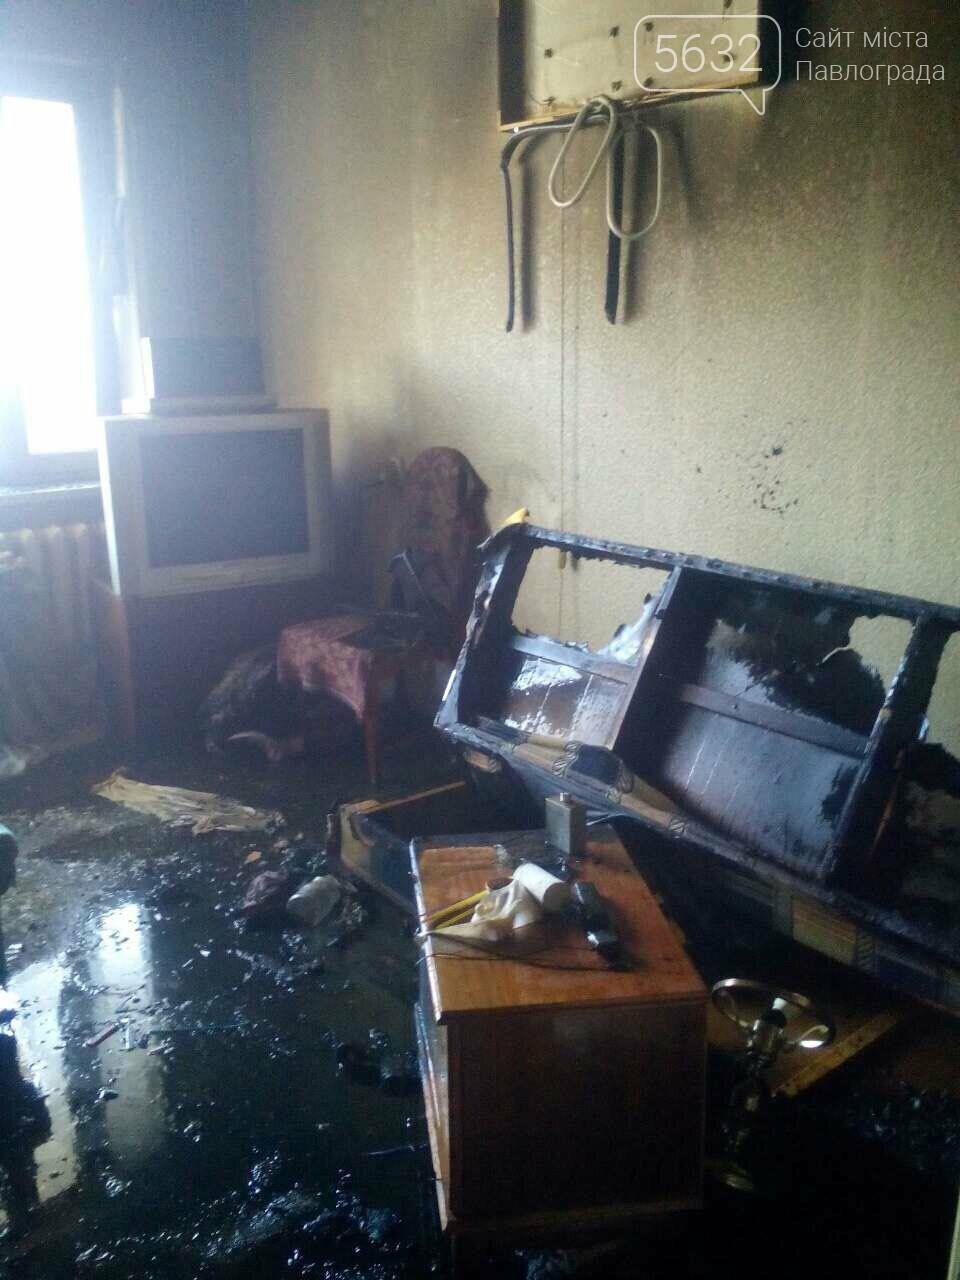 Павлоградець з обмеженими можливостями згорів у власній квартирі, фото-1